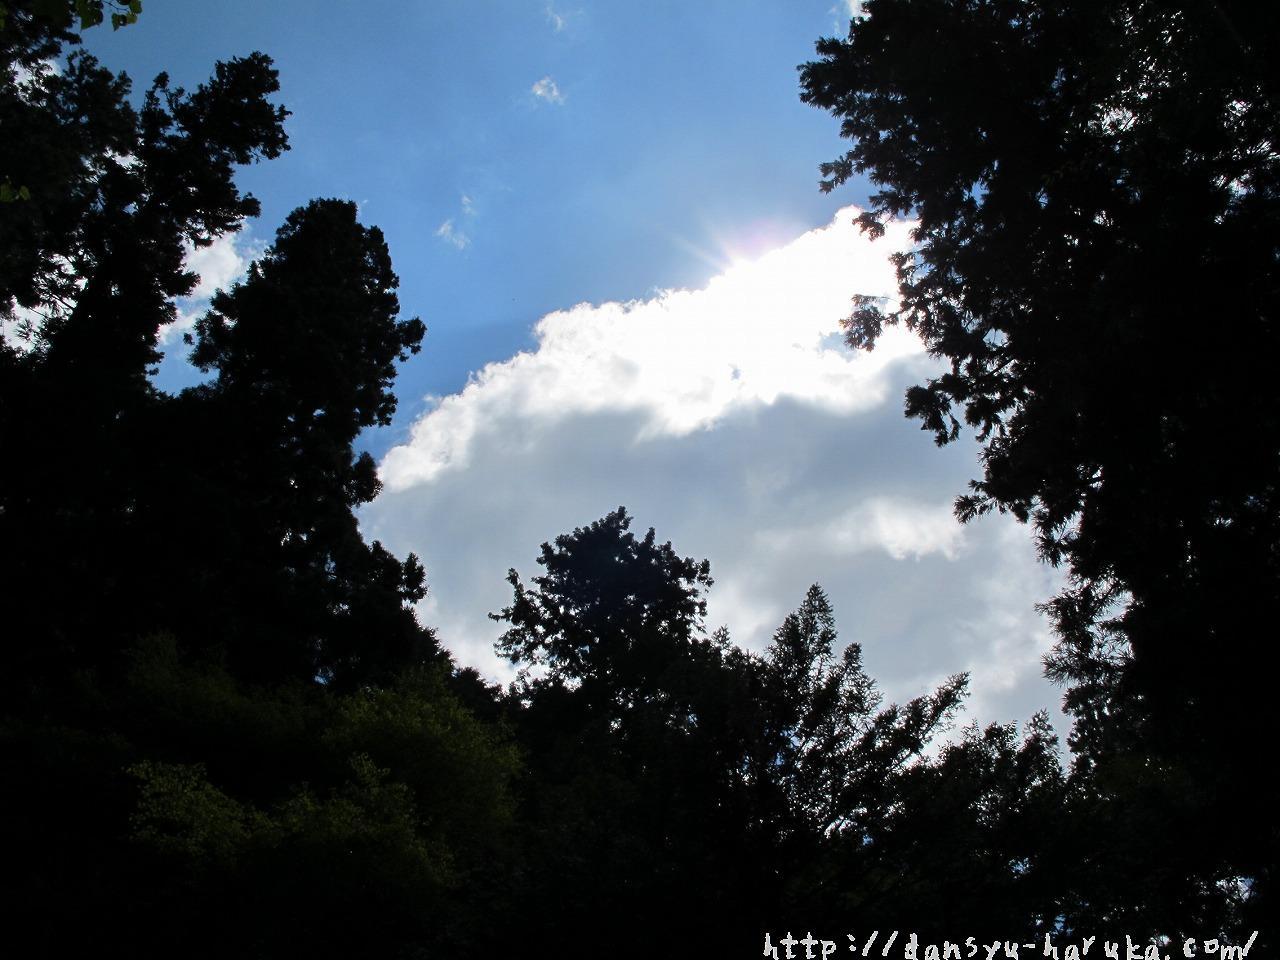 断酒主婦はるかが撮った空と雲